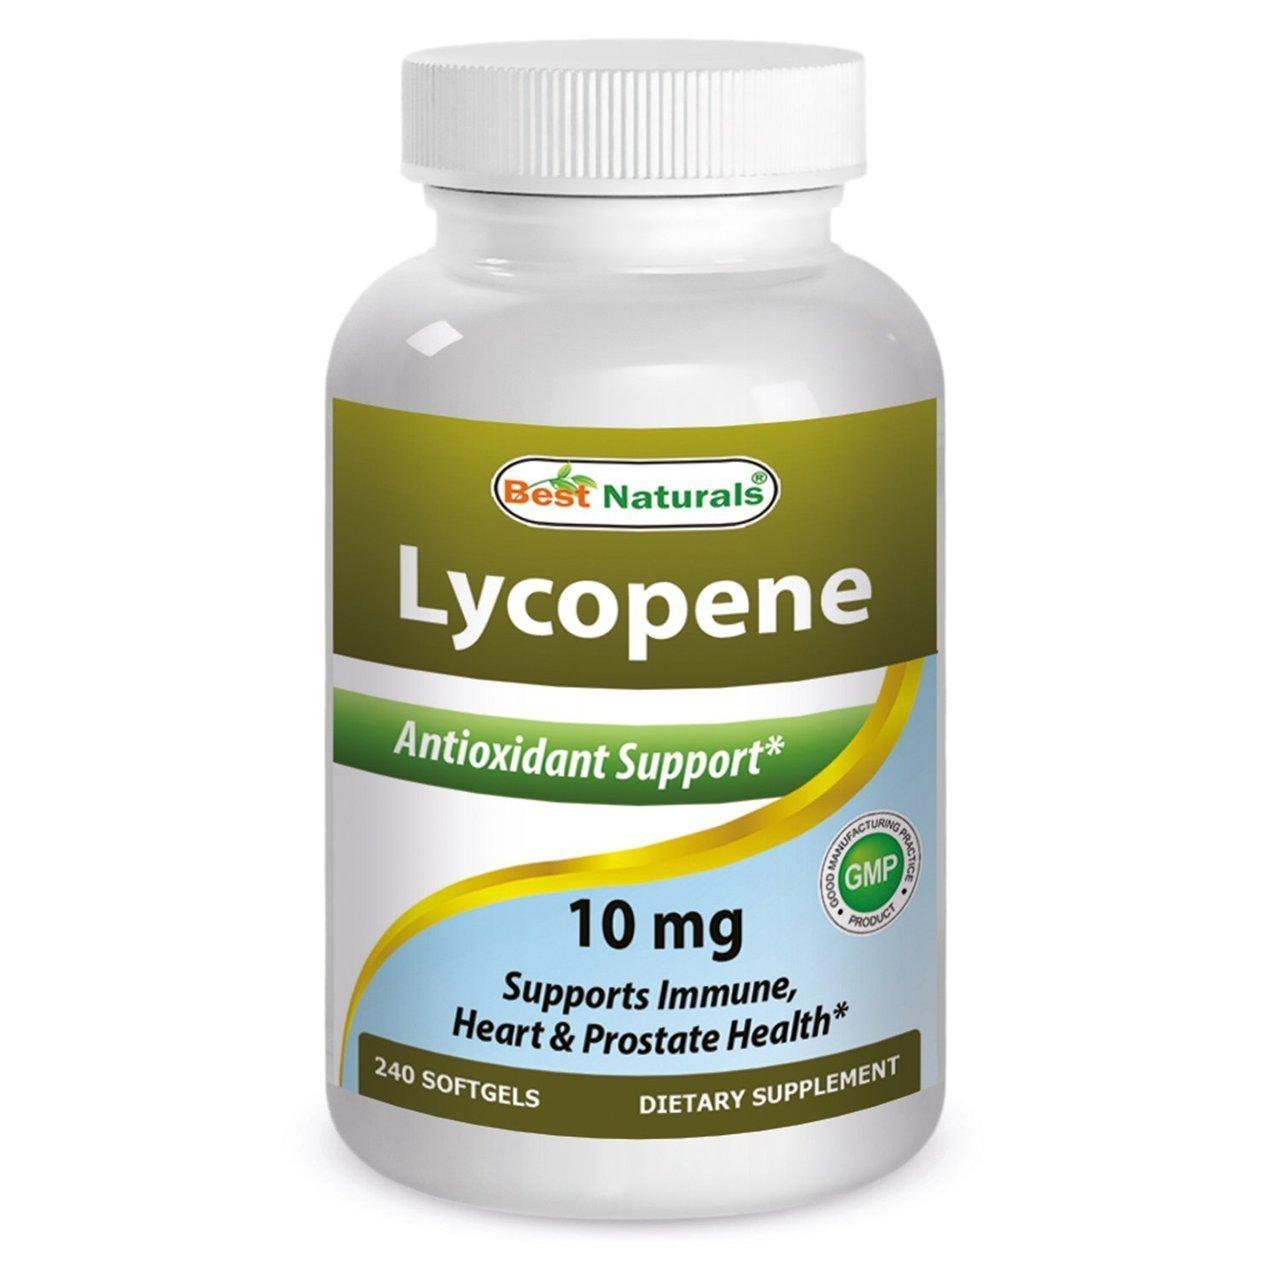 Best Naturals Lycopene, 10mg-- 120 Softgels